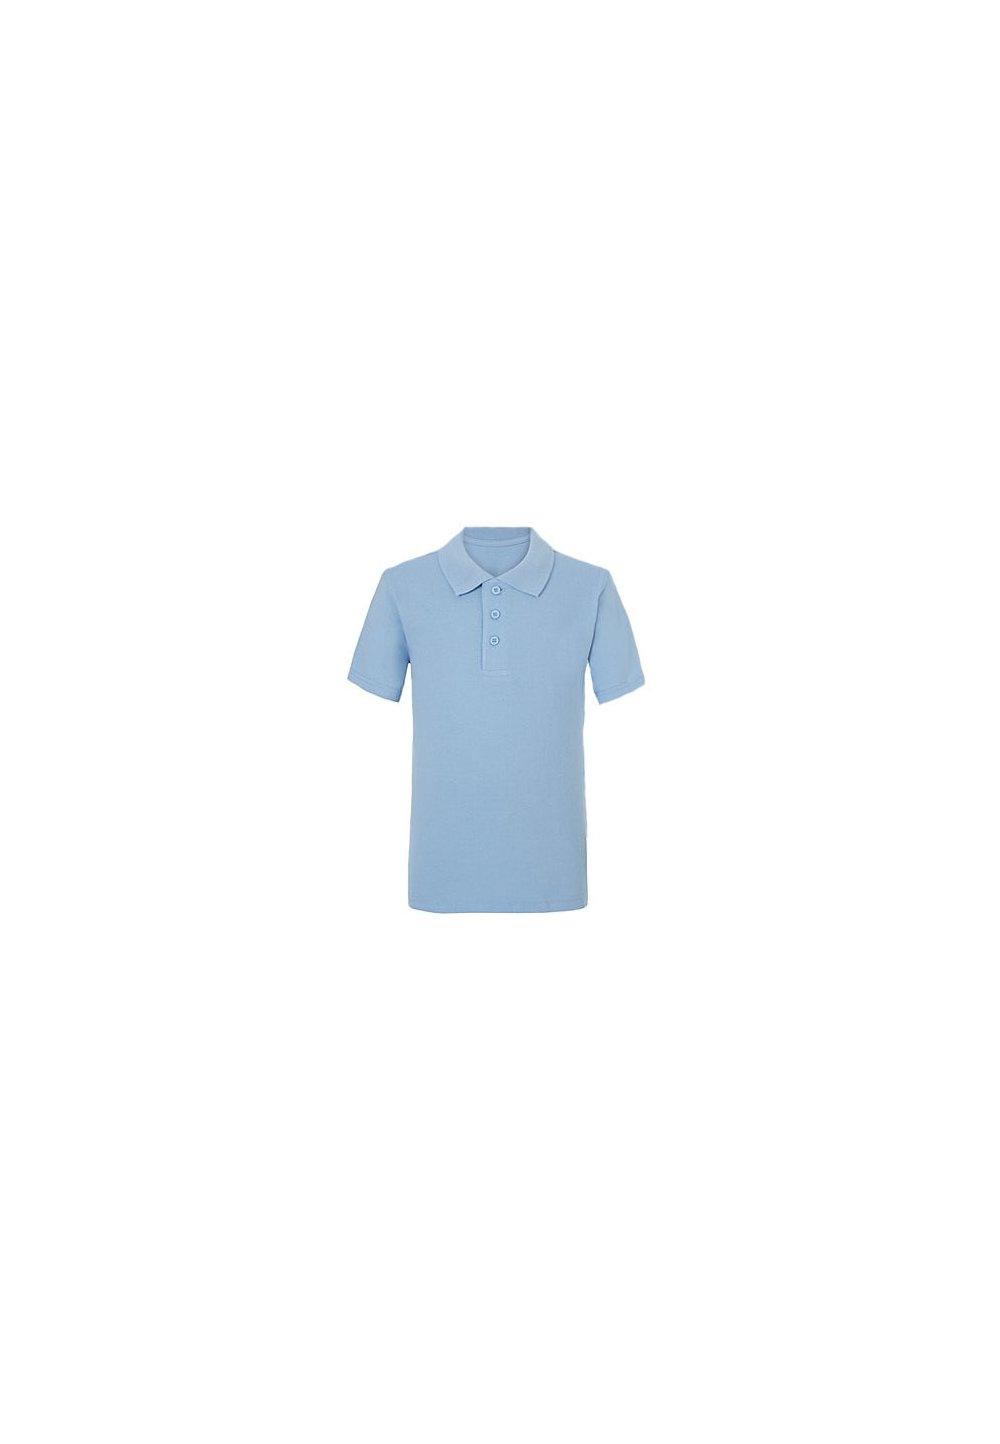 Tricou Polo, Albastru Deschis, Baieti